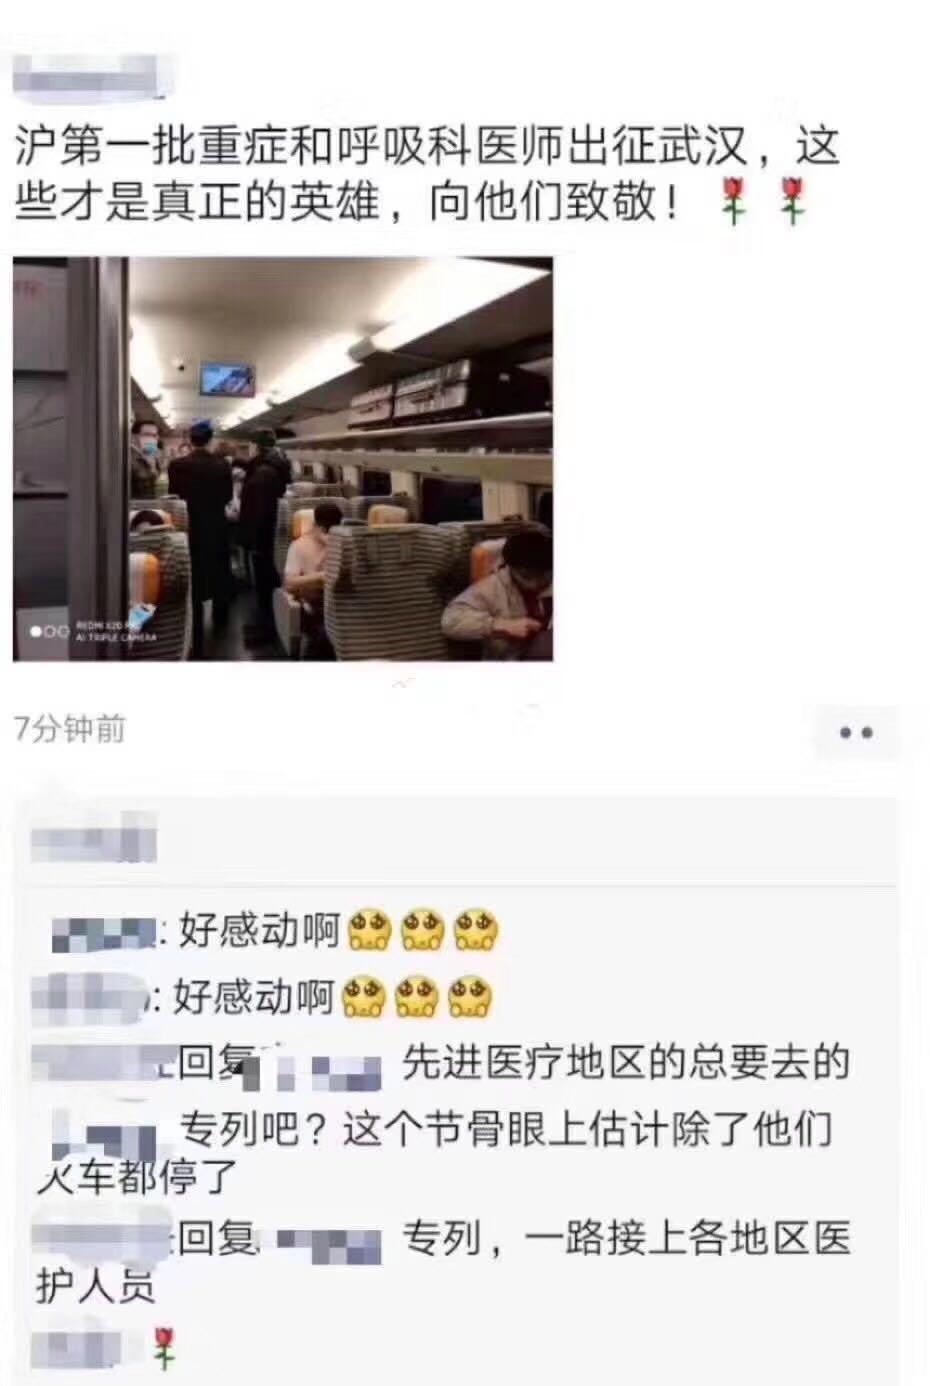 出征!上海第一批重症和呼吸科医师驰援湖北